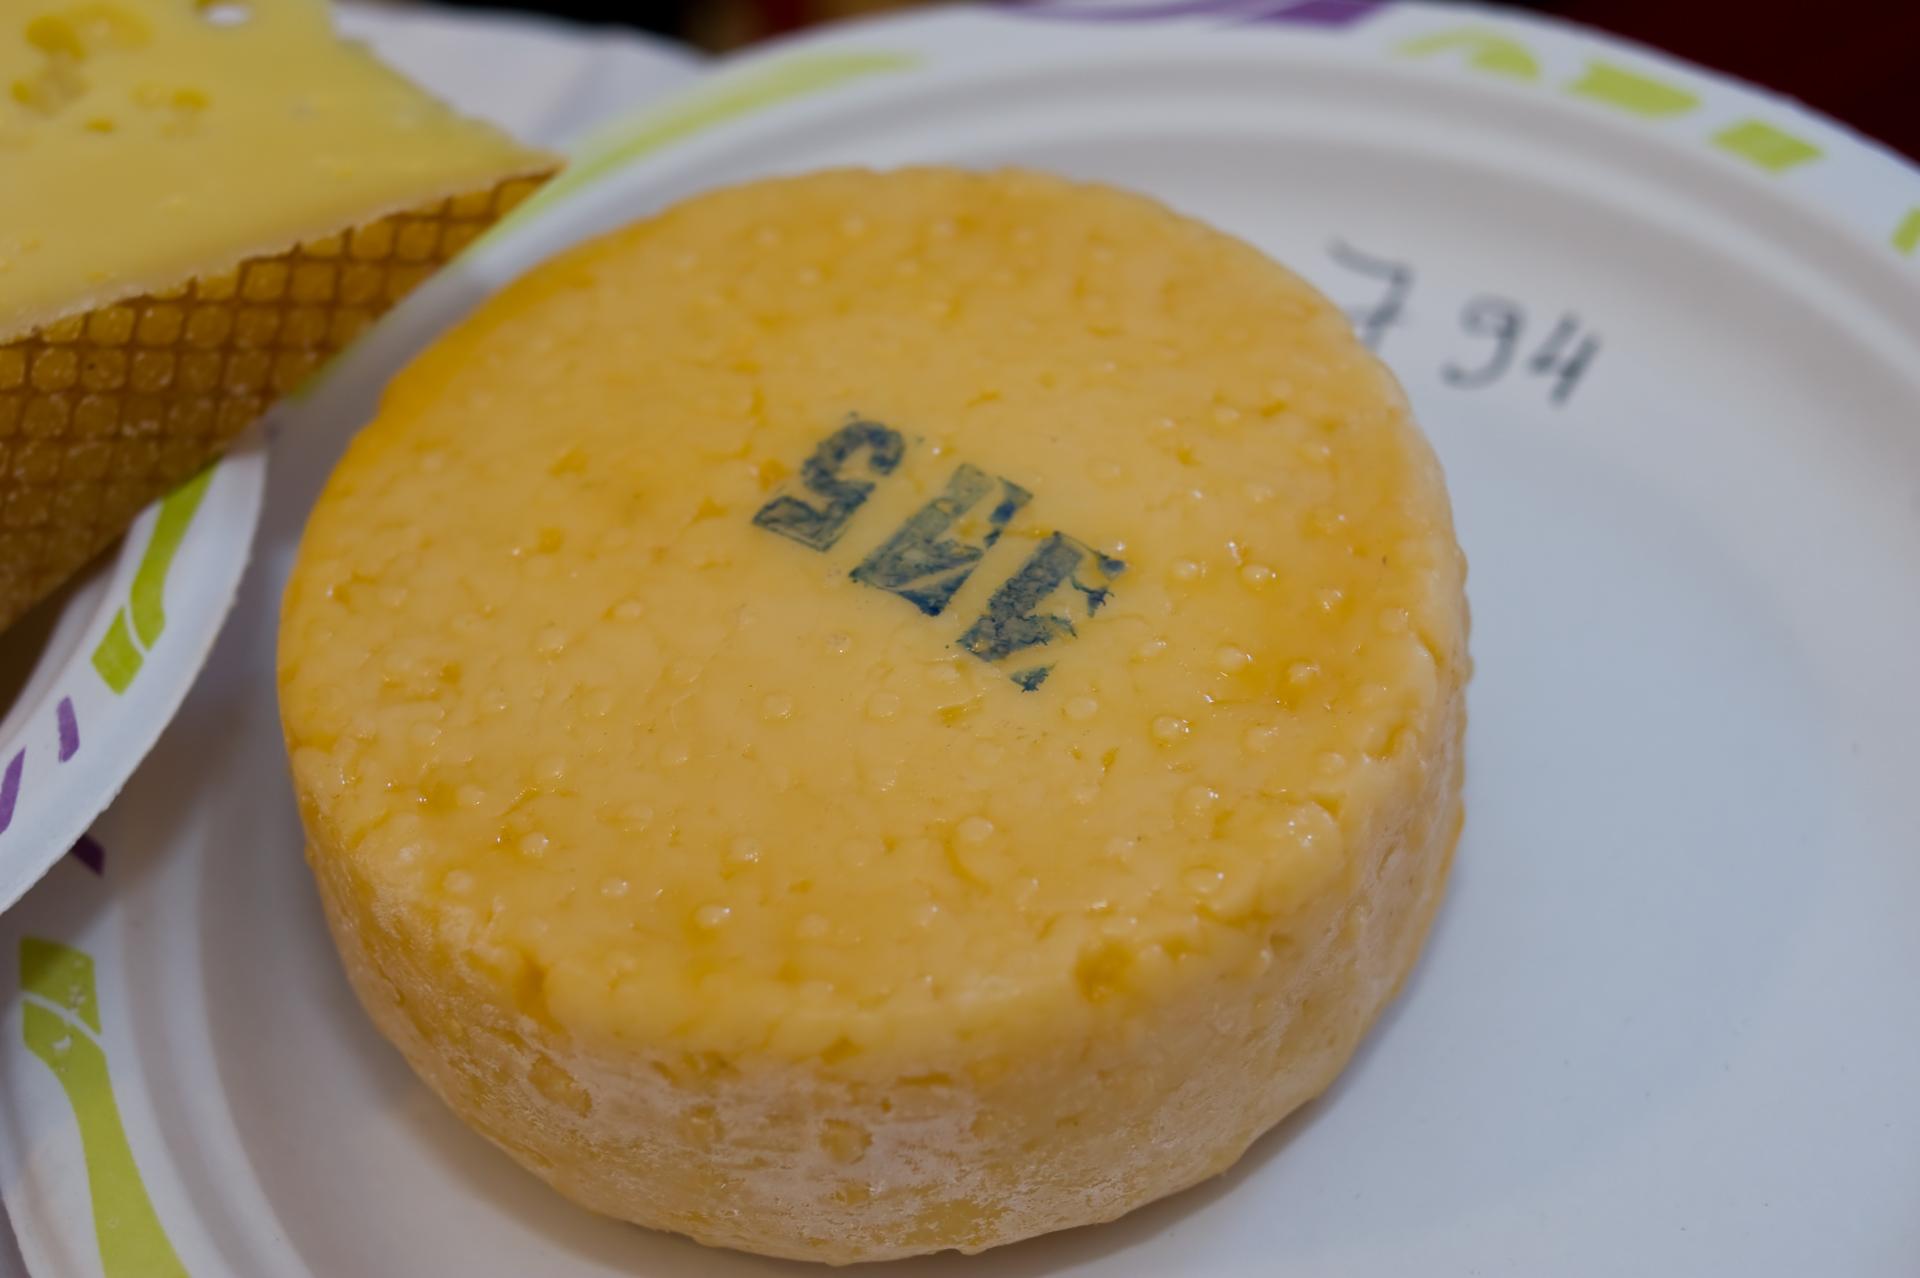 Méhes sajt / Termelő: Agrotranscom Ex (Nyárádszereda)